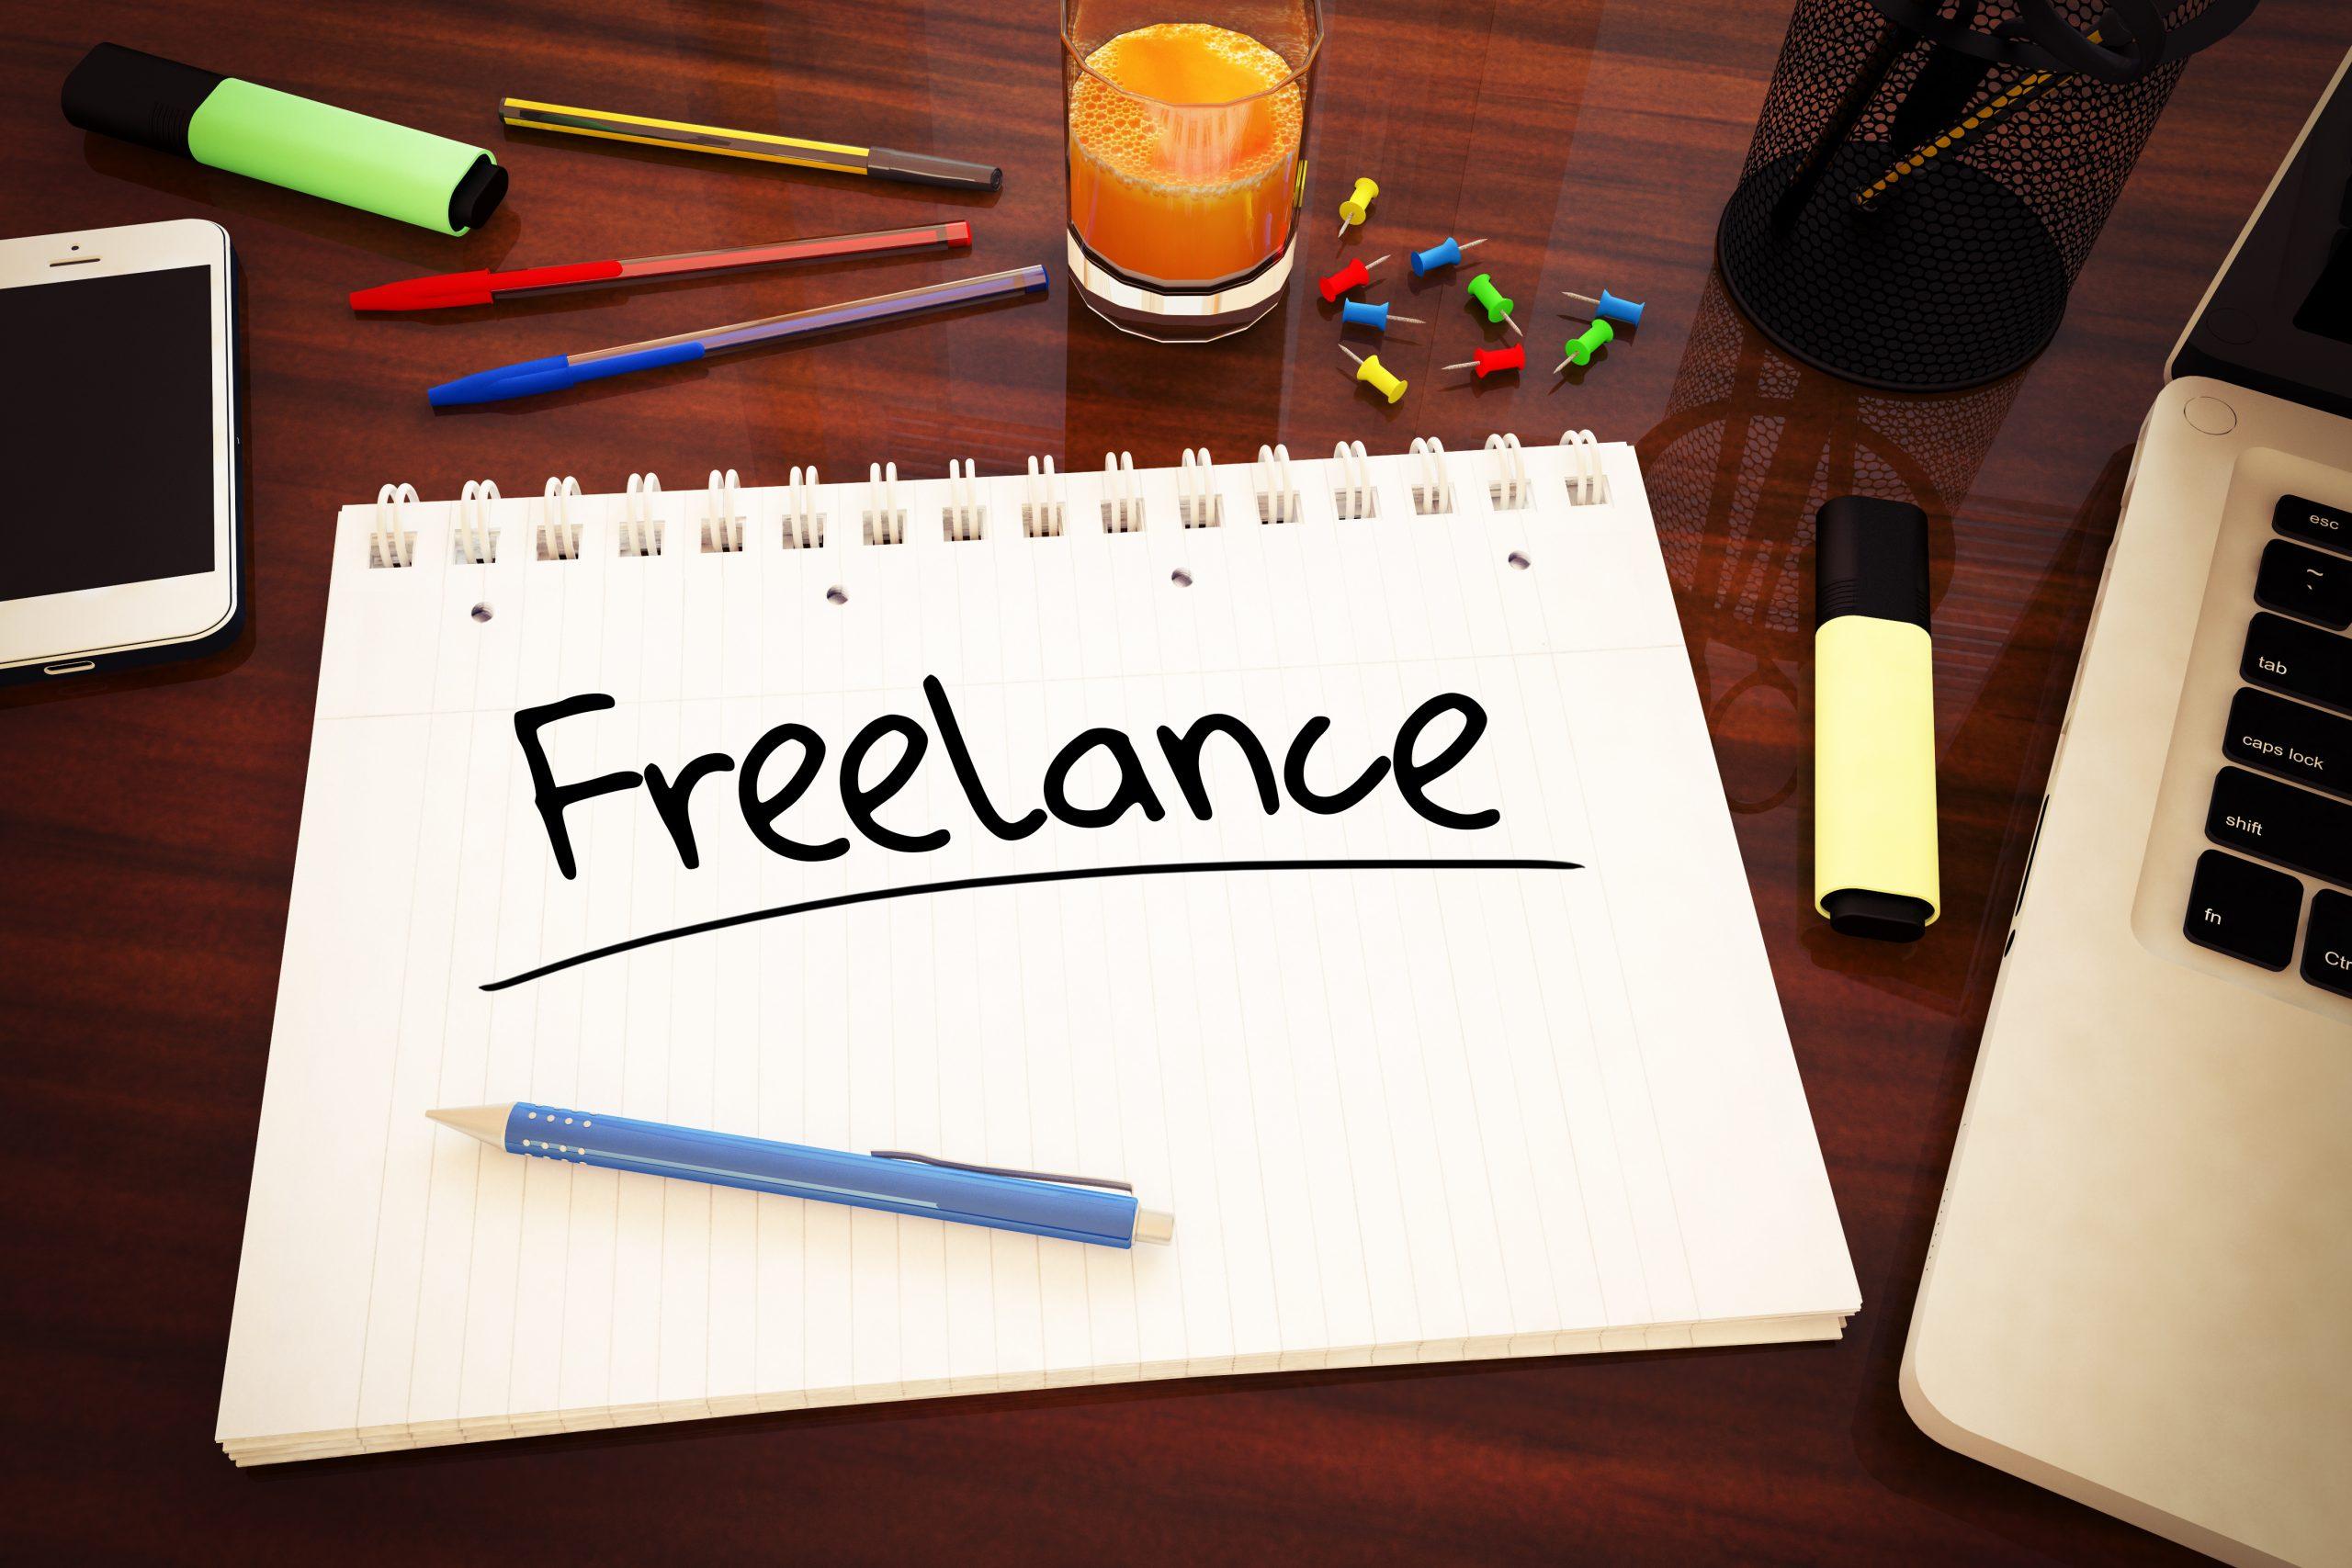 Menjadi freelance untuk tambahan uang